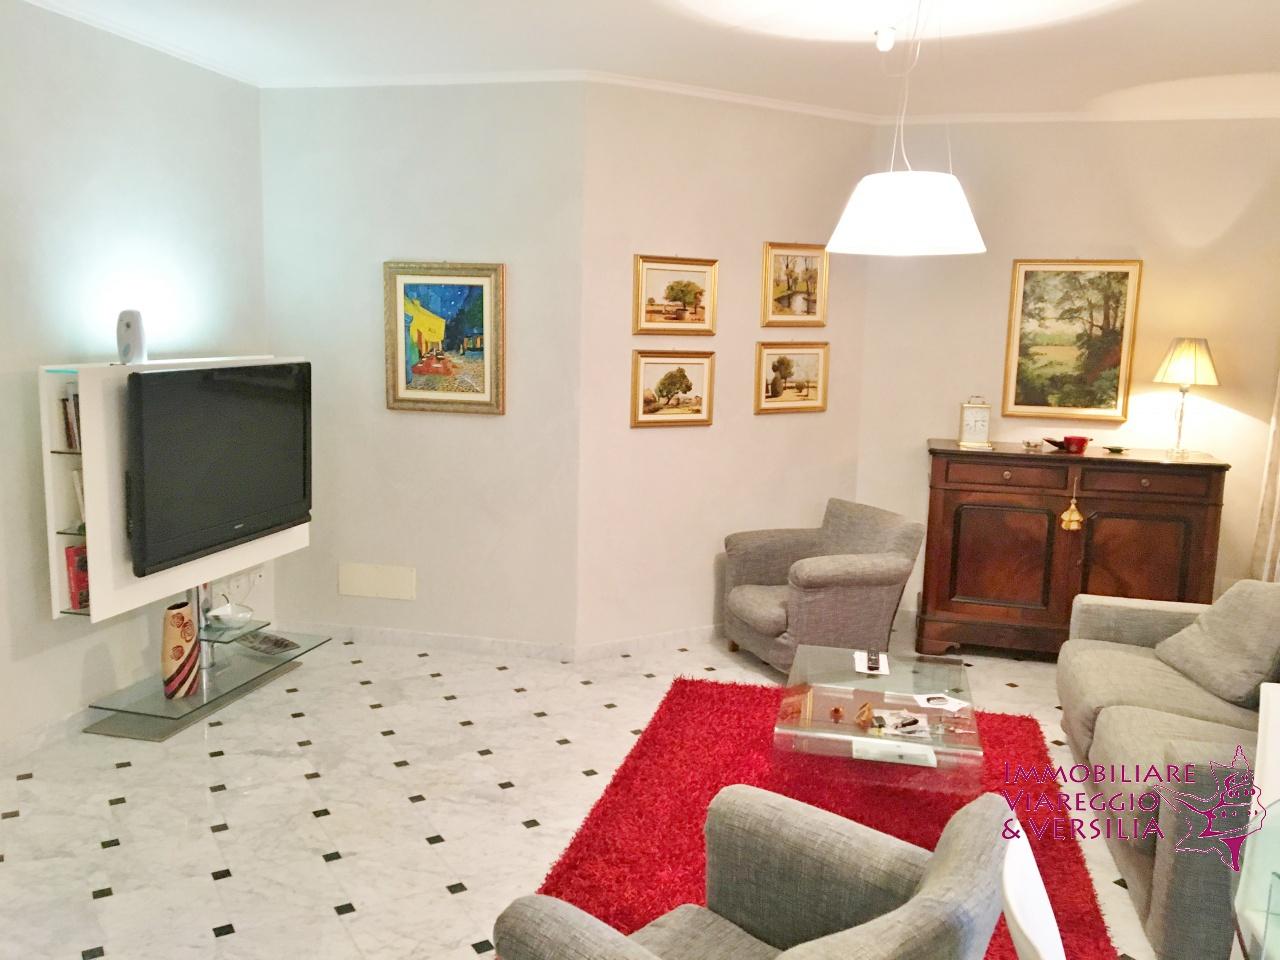 Appartamento in affitto a Viareggio, 3 locali, prezzo € 1.350 | CambioCasa.it